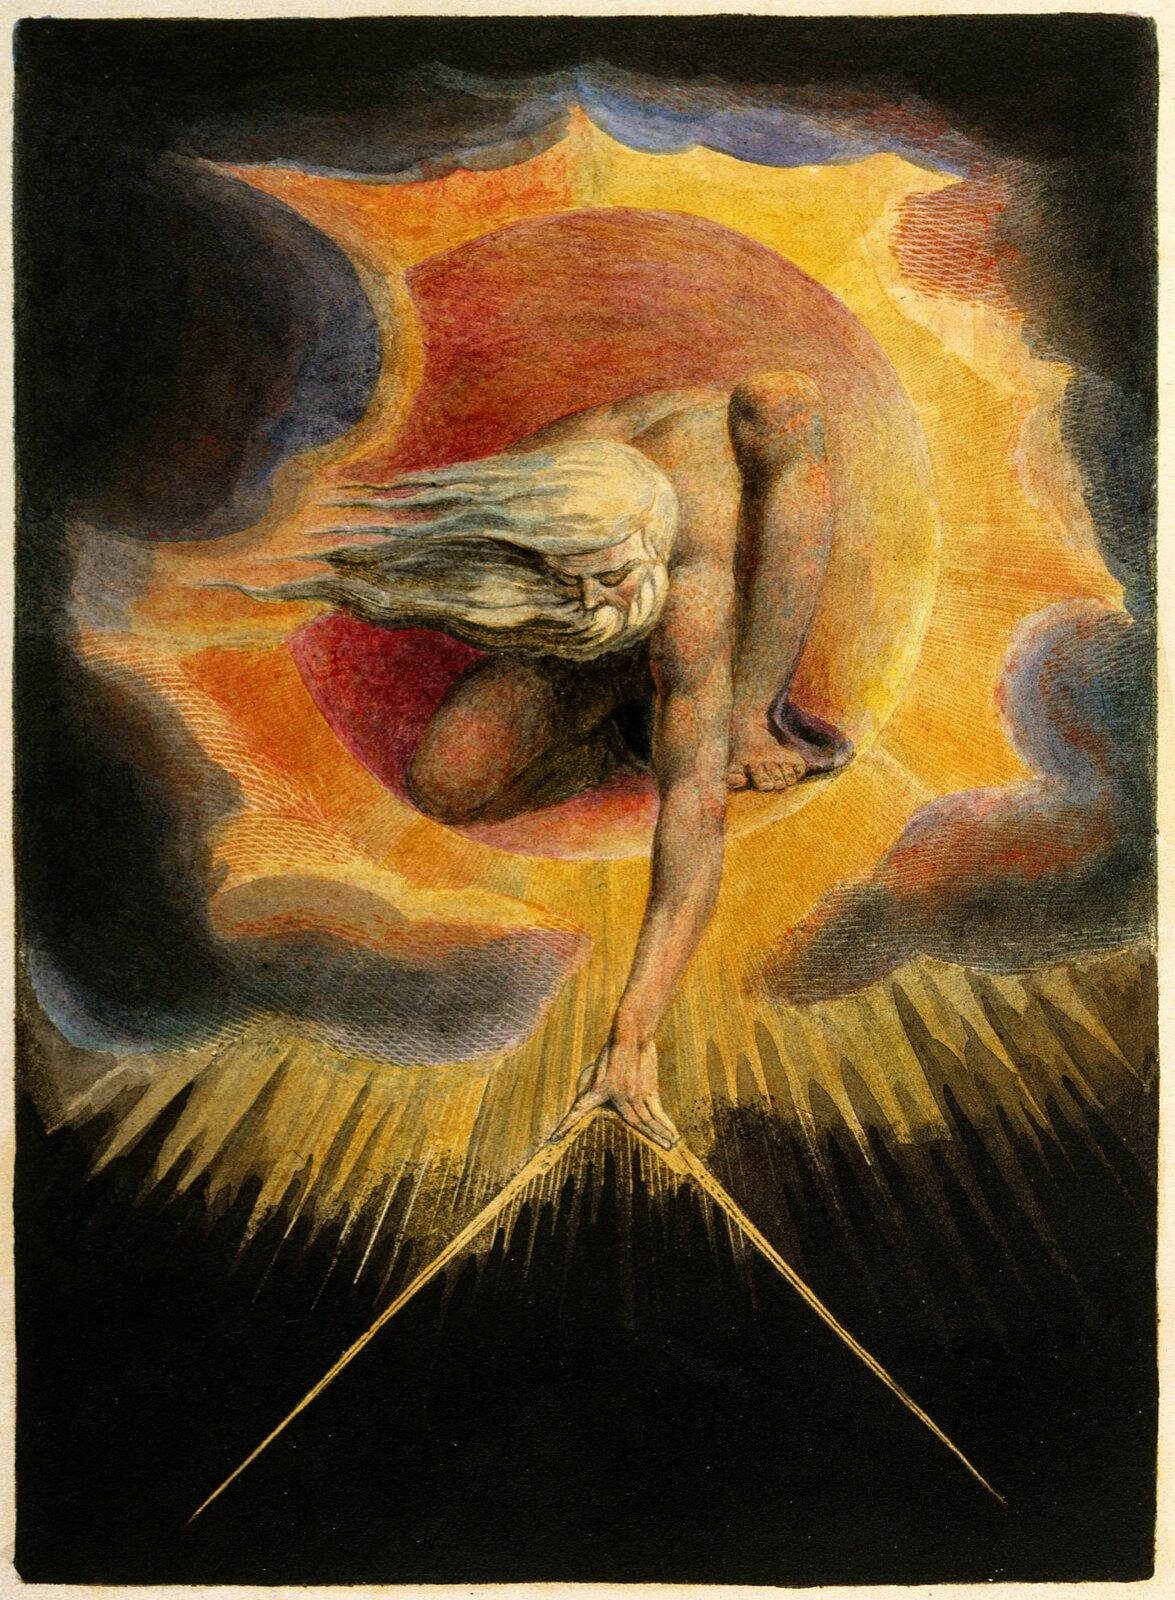 Stworzenie świata Źródło: William Blake, Stworzenie świata, 1794, technika olejna, domena publiczna.